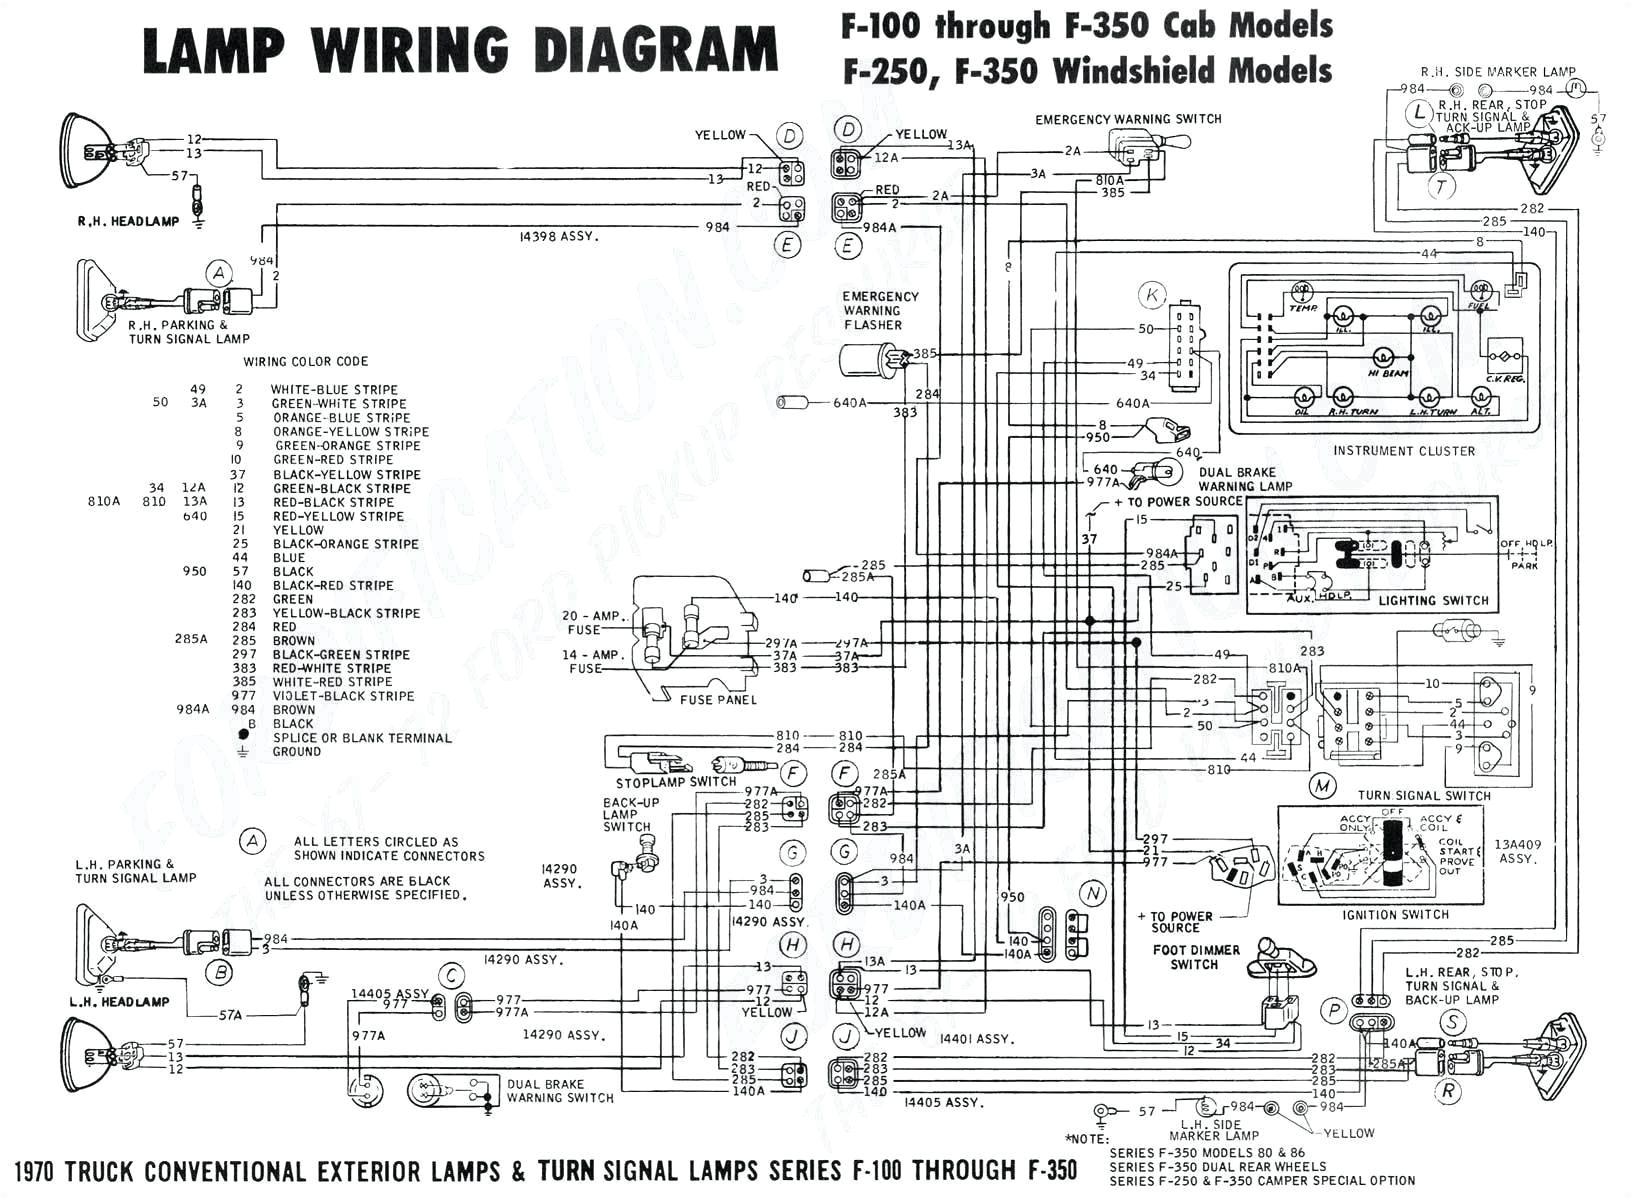 94 silverado fog light wiring diagram wiring diagram insider 94 chevy silverado tail light wiring diagram